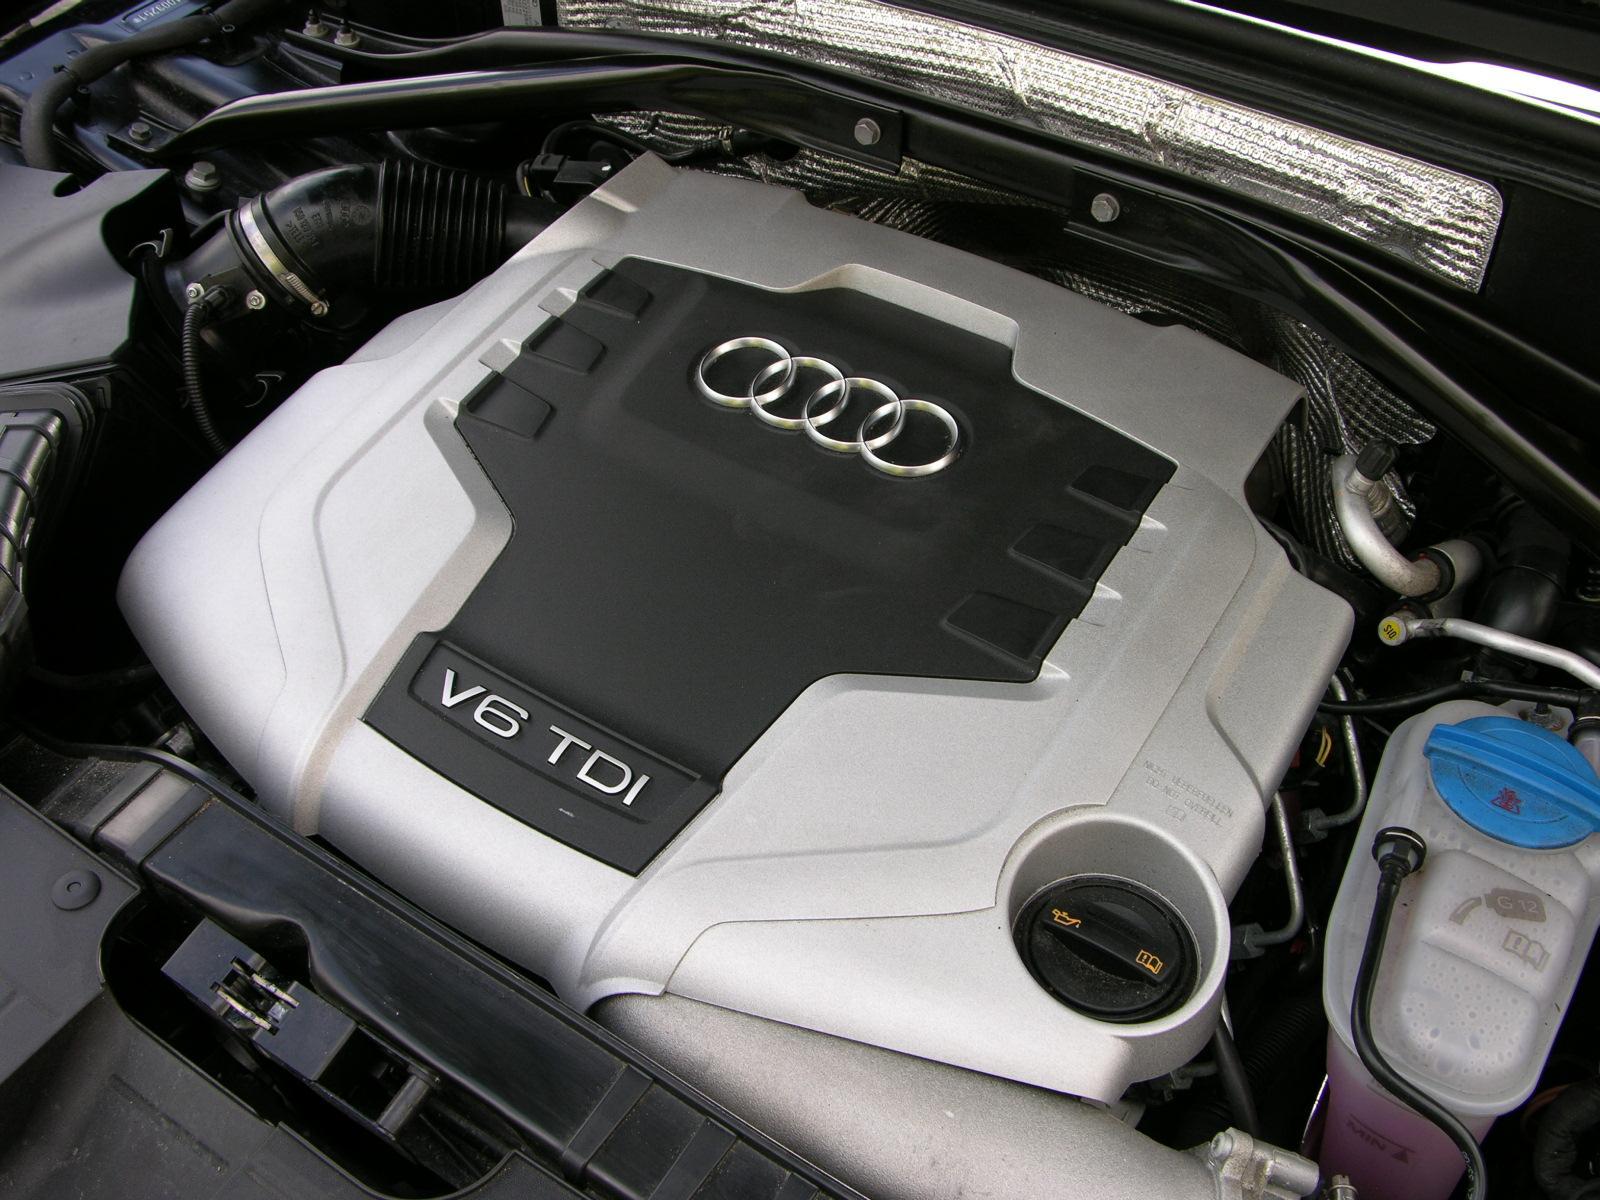 Finns Hoard Volkswagen Audi Diesel Cars That Germans Want To Get Rid Of Metropolitan Fi